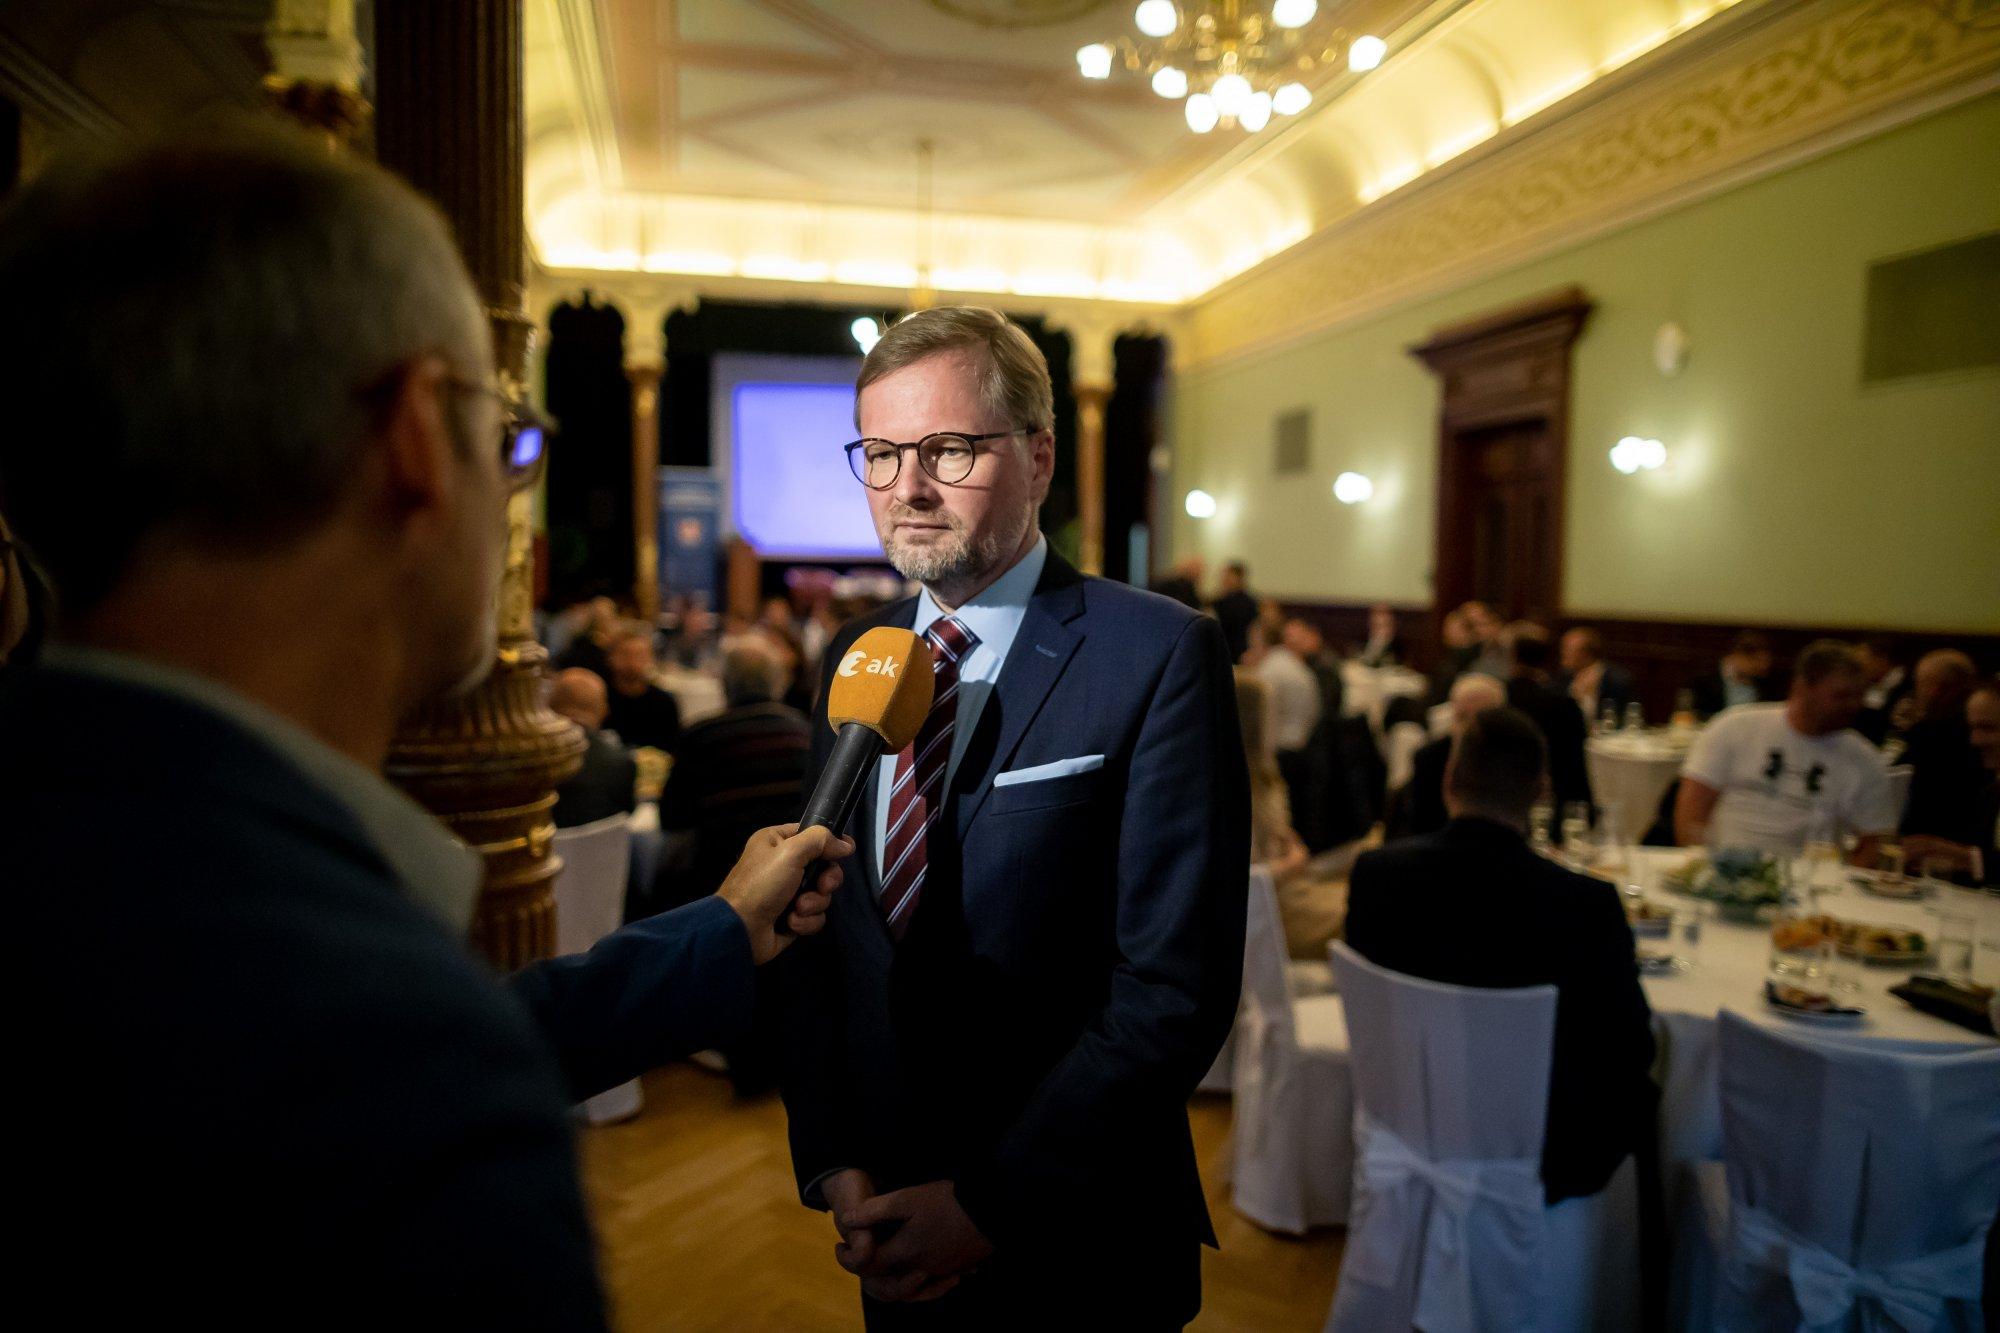 Petr Fiala: Naším politickým cílem je znovu rozběhnout města, vyřešit problémy s dopravou, velkými projekty, se stagnací